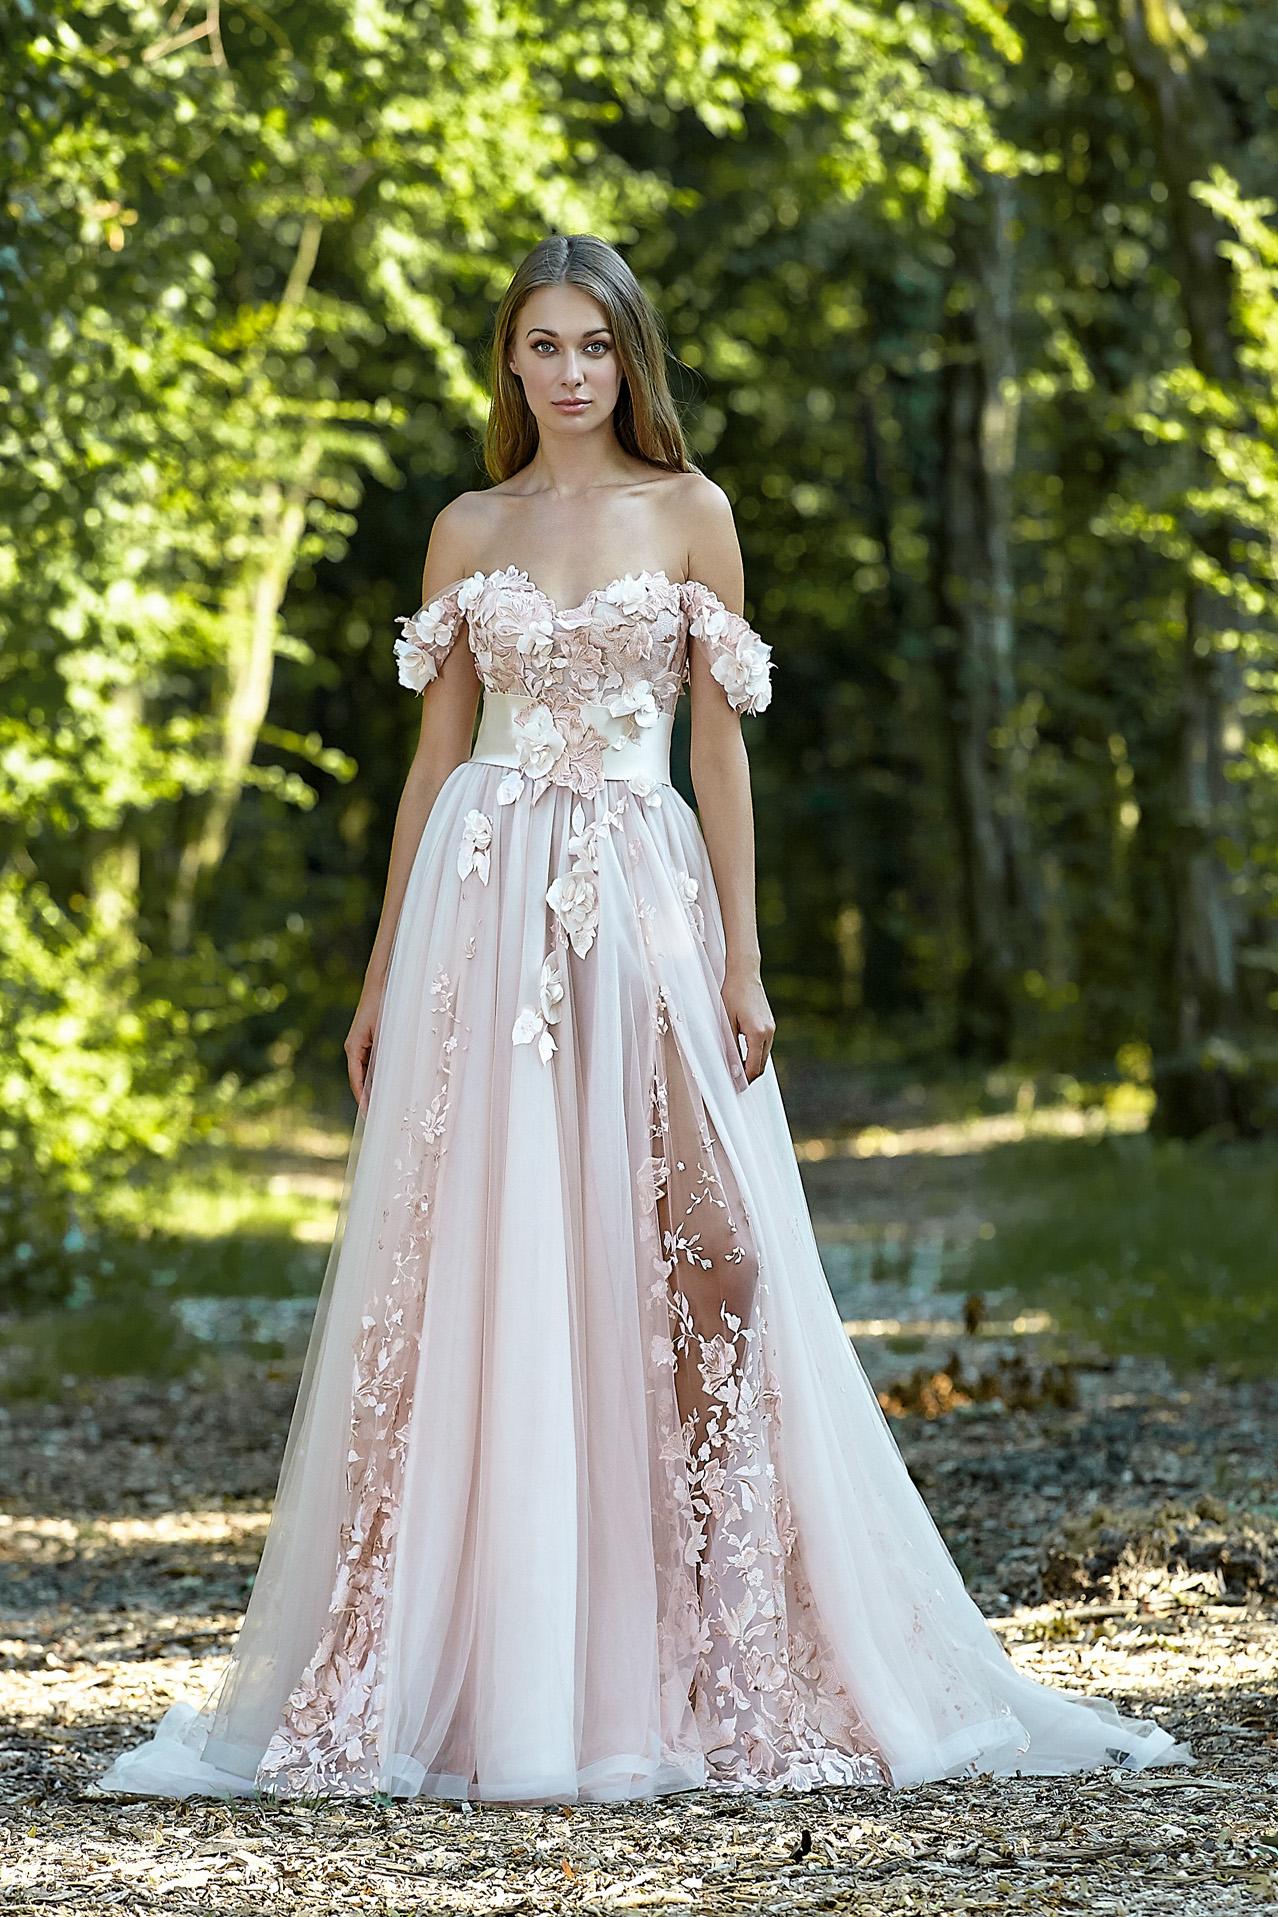 Abiti da sposa floral